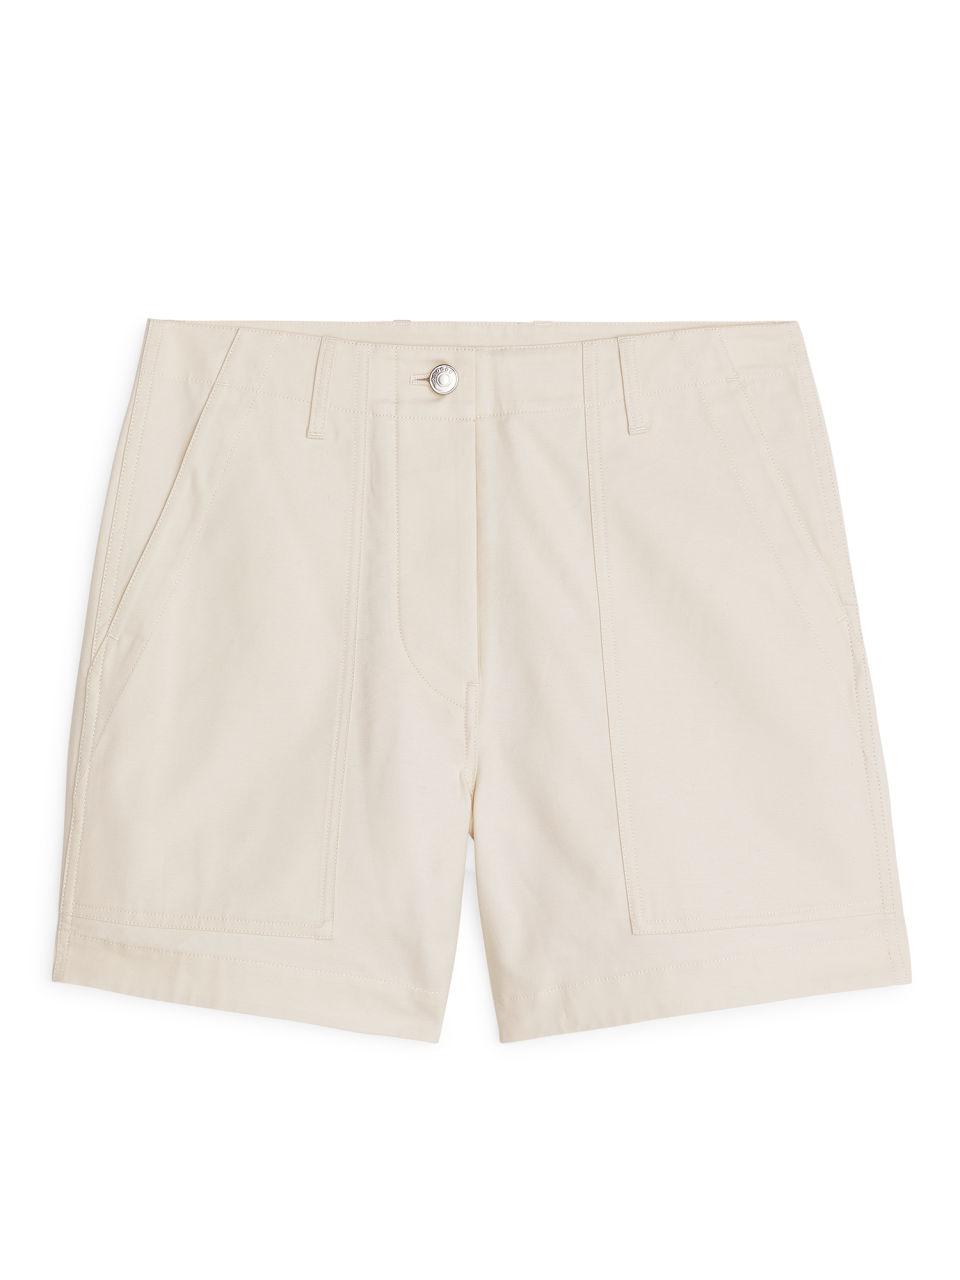 Cotton Twill Workwear Shorts - Beige